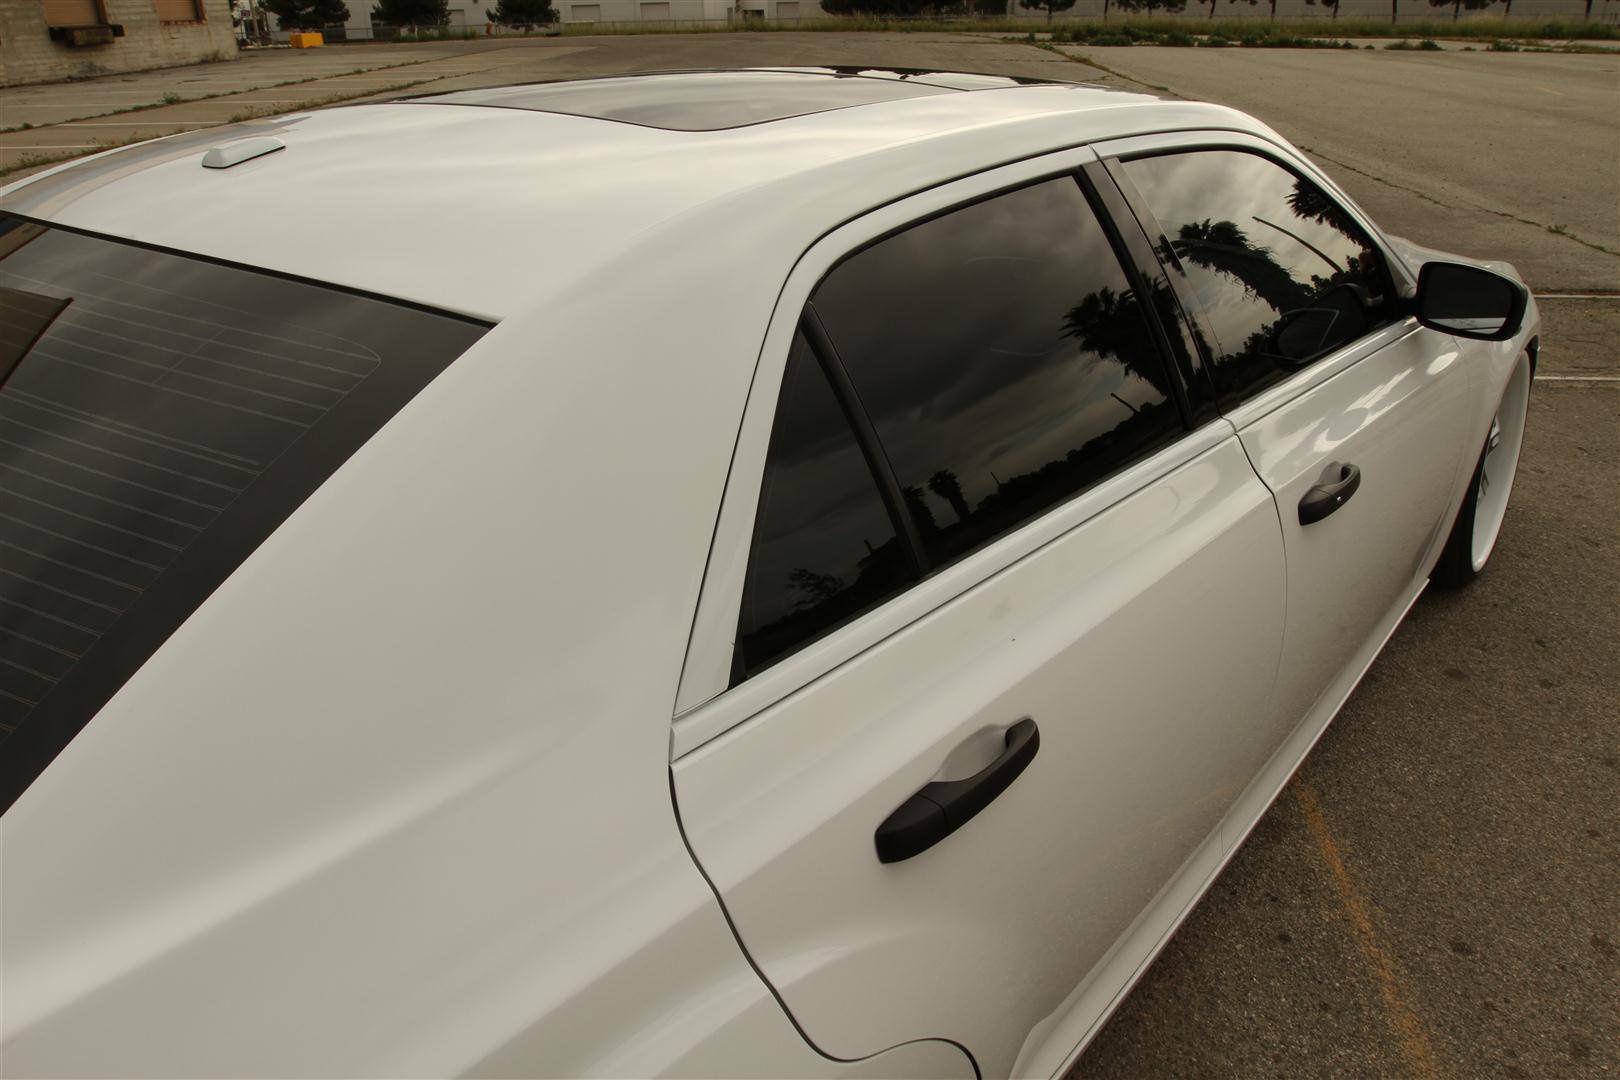 2011 Chrysler 300 | Chrysler 300